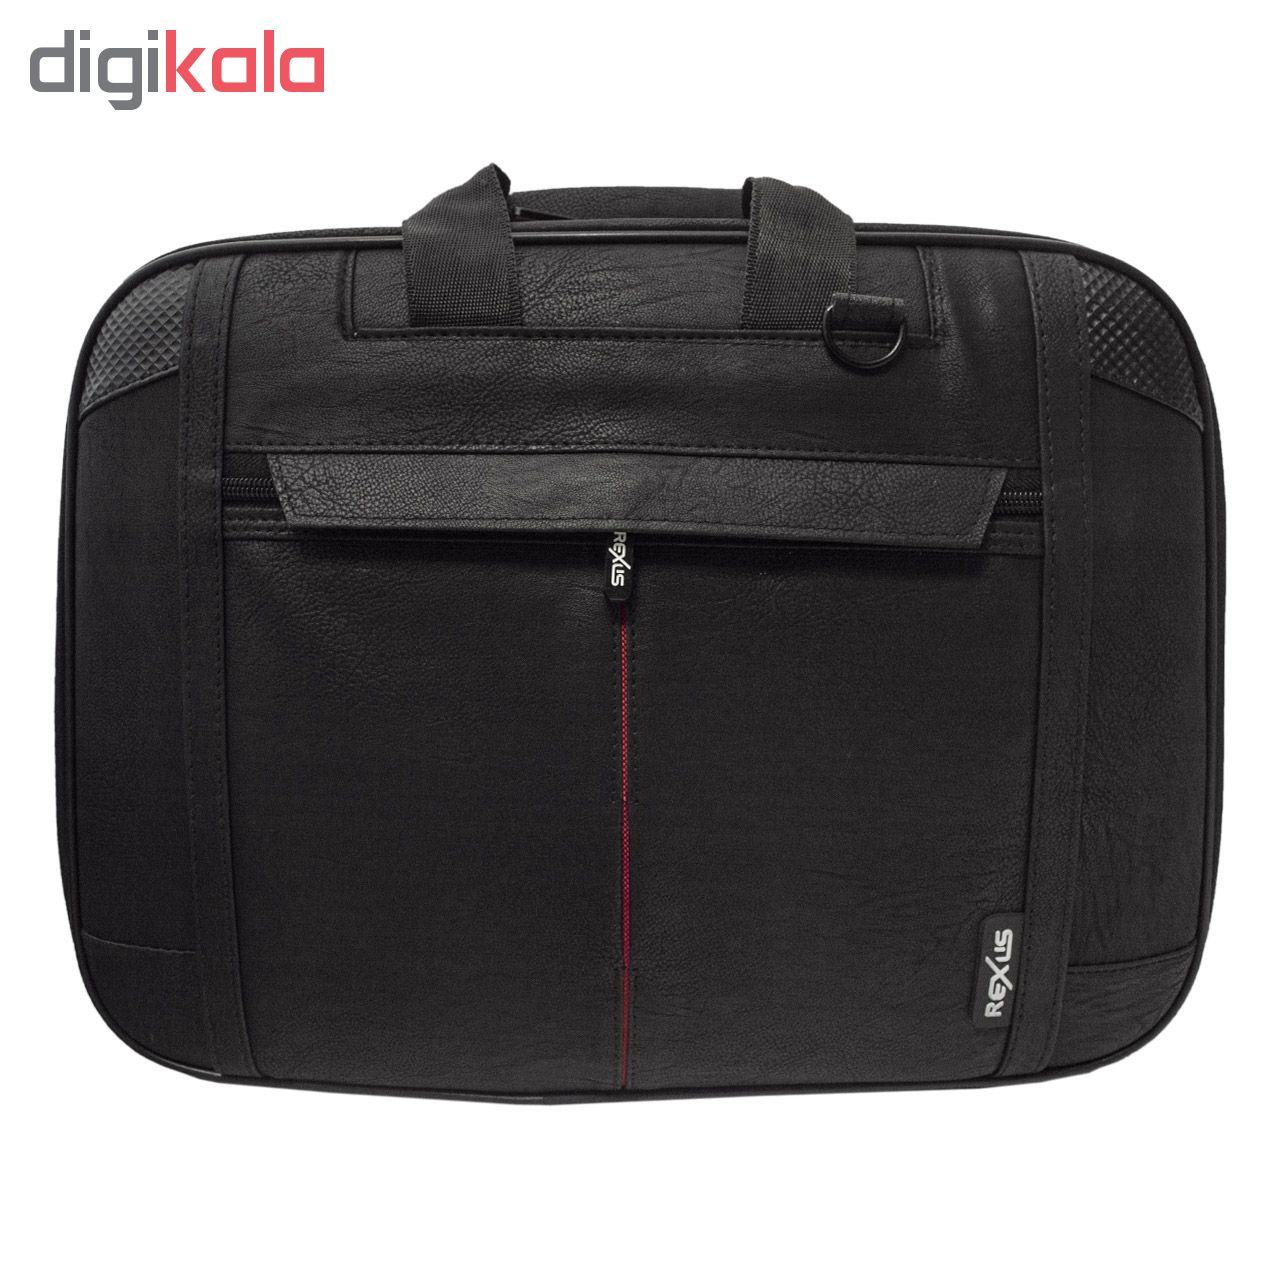 کیف لپ تاپ رکسوس مدل 2060 مناسب برای لپ تاپ 15.6 اینچی